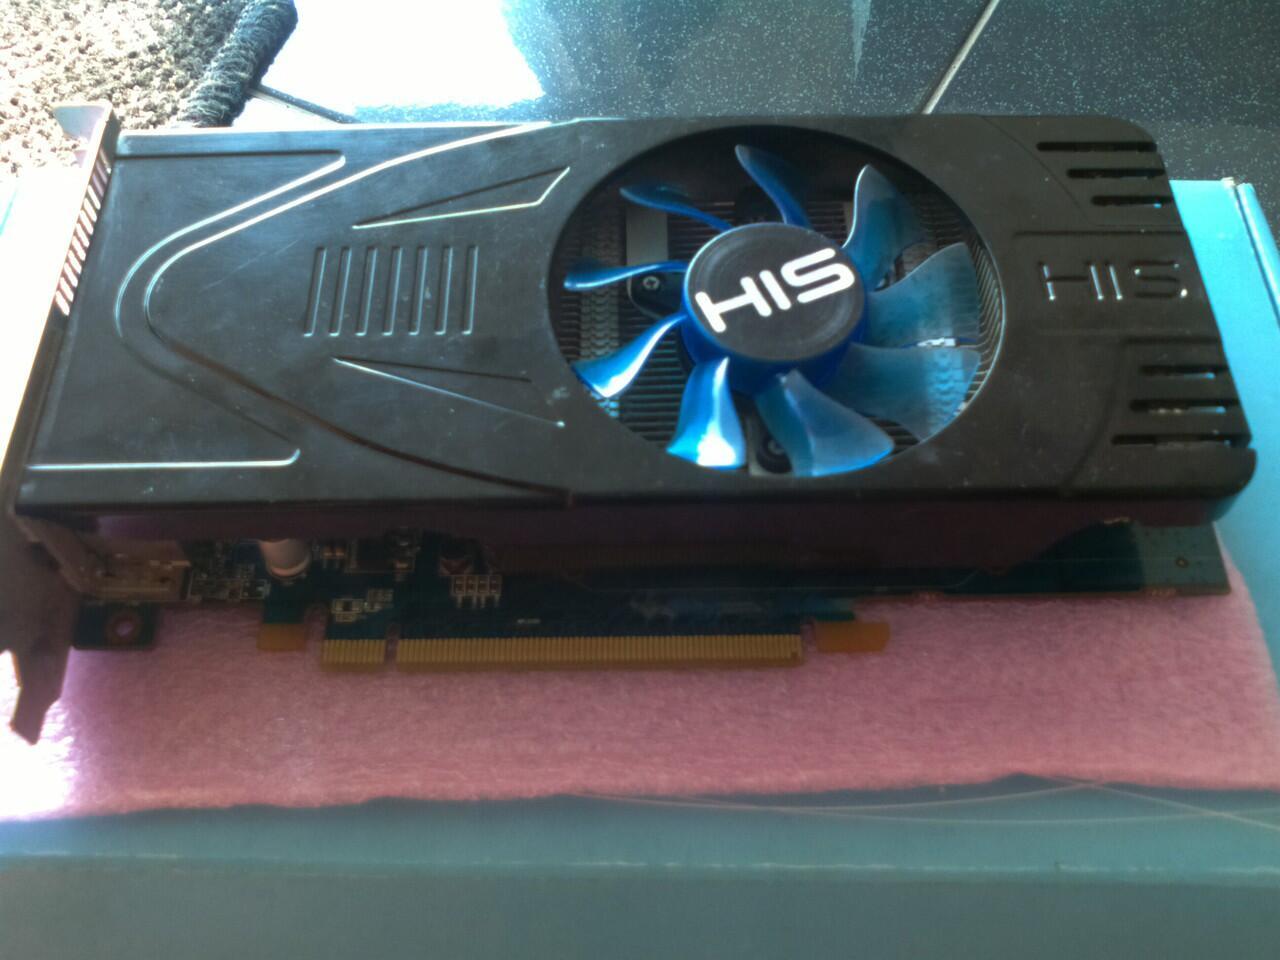 HIS hd 5770 1gb 128bit ddr5 i cooler